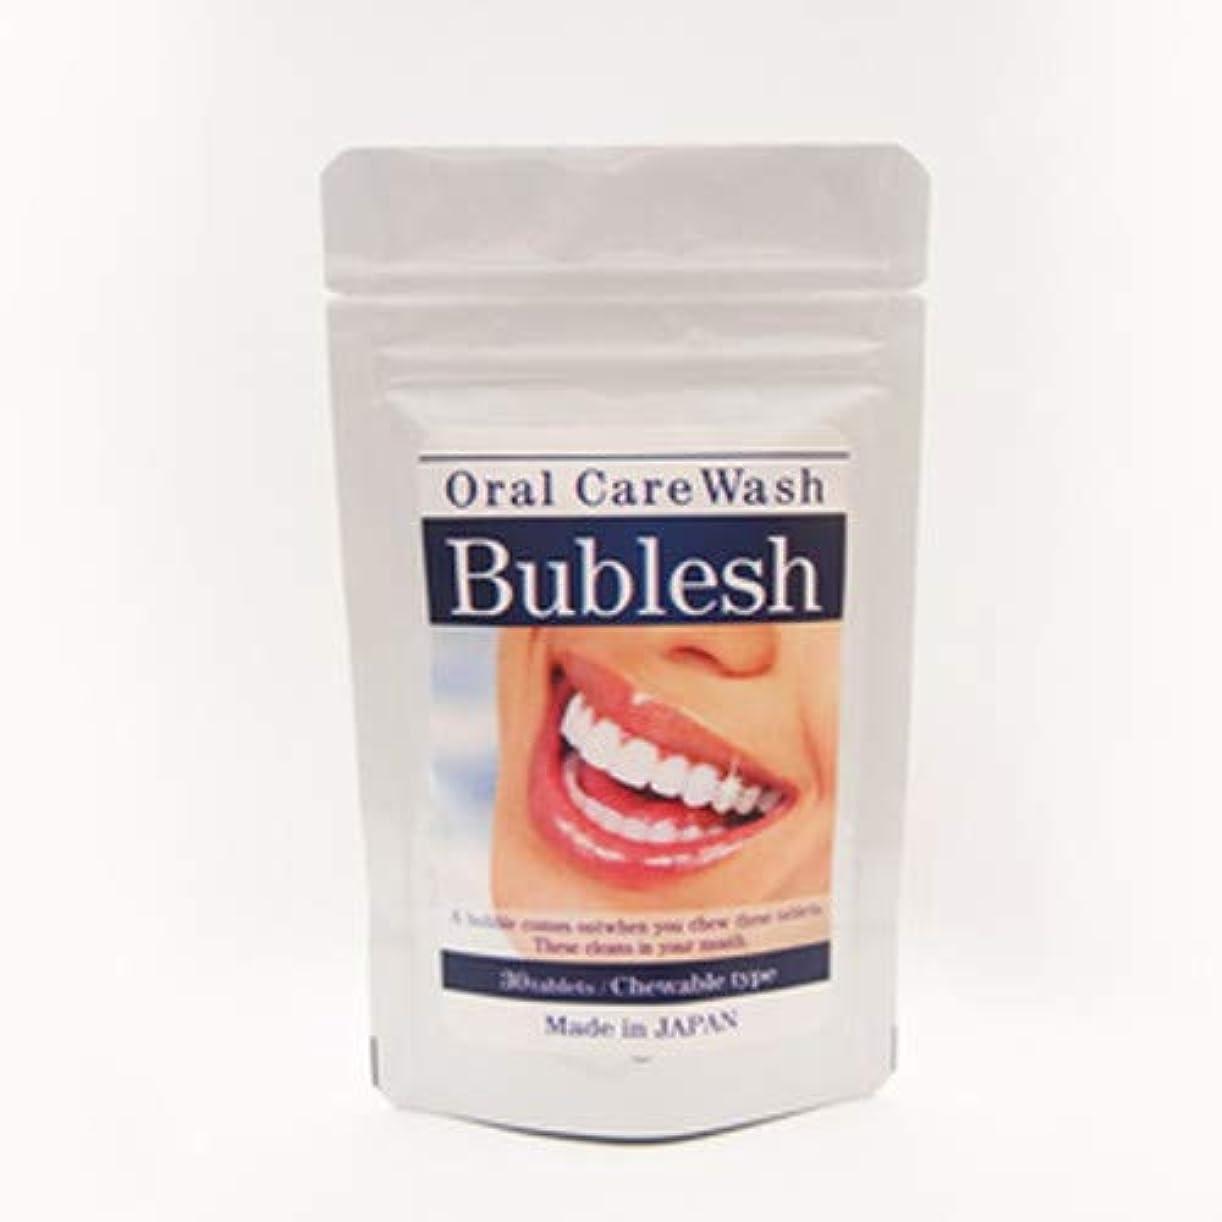 熱心なパターン誘惑する【オーラルケアウォッシュバブレッシュ】 30 粒 炭酸 タブレット 歯磨き